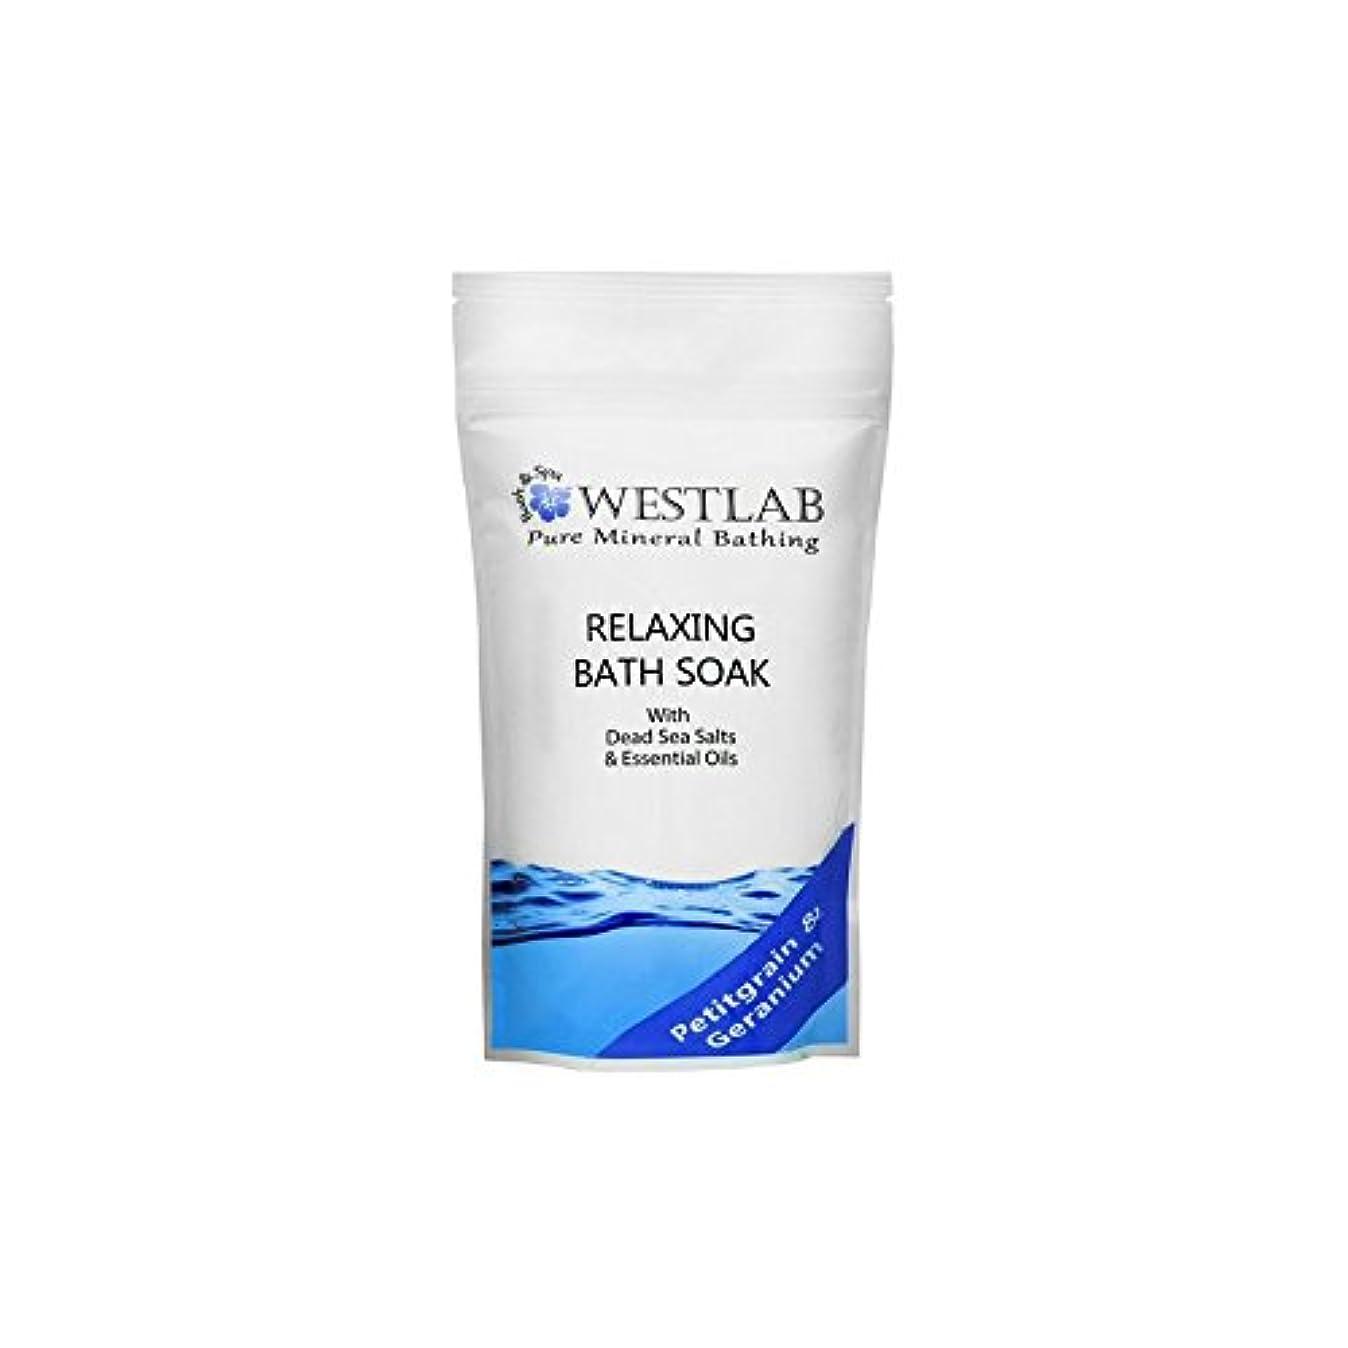 簿記係好奇心盛爆弾死海の塩浴浸漬(500グラム)をリラックス x2 - Westlab Relax Dead Sea Salt Bath Soak (500g) (Pack of 2) [並行輸入品]